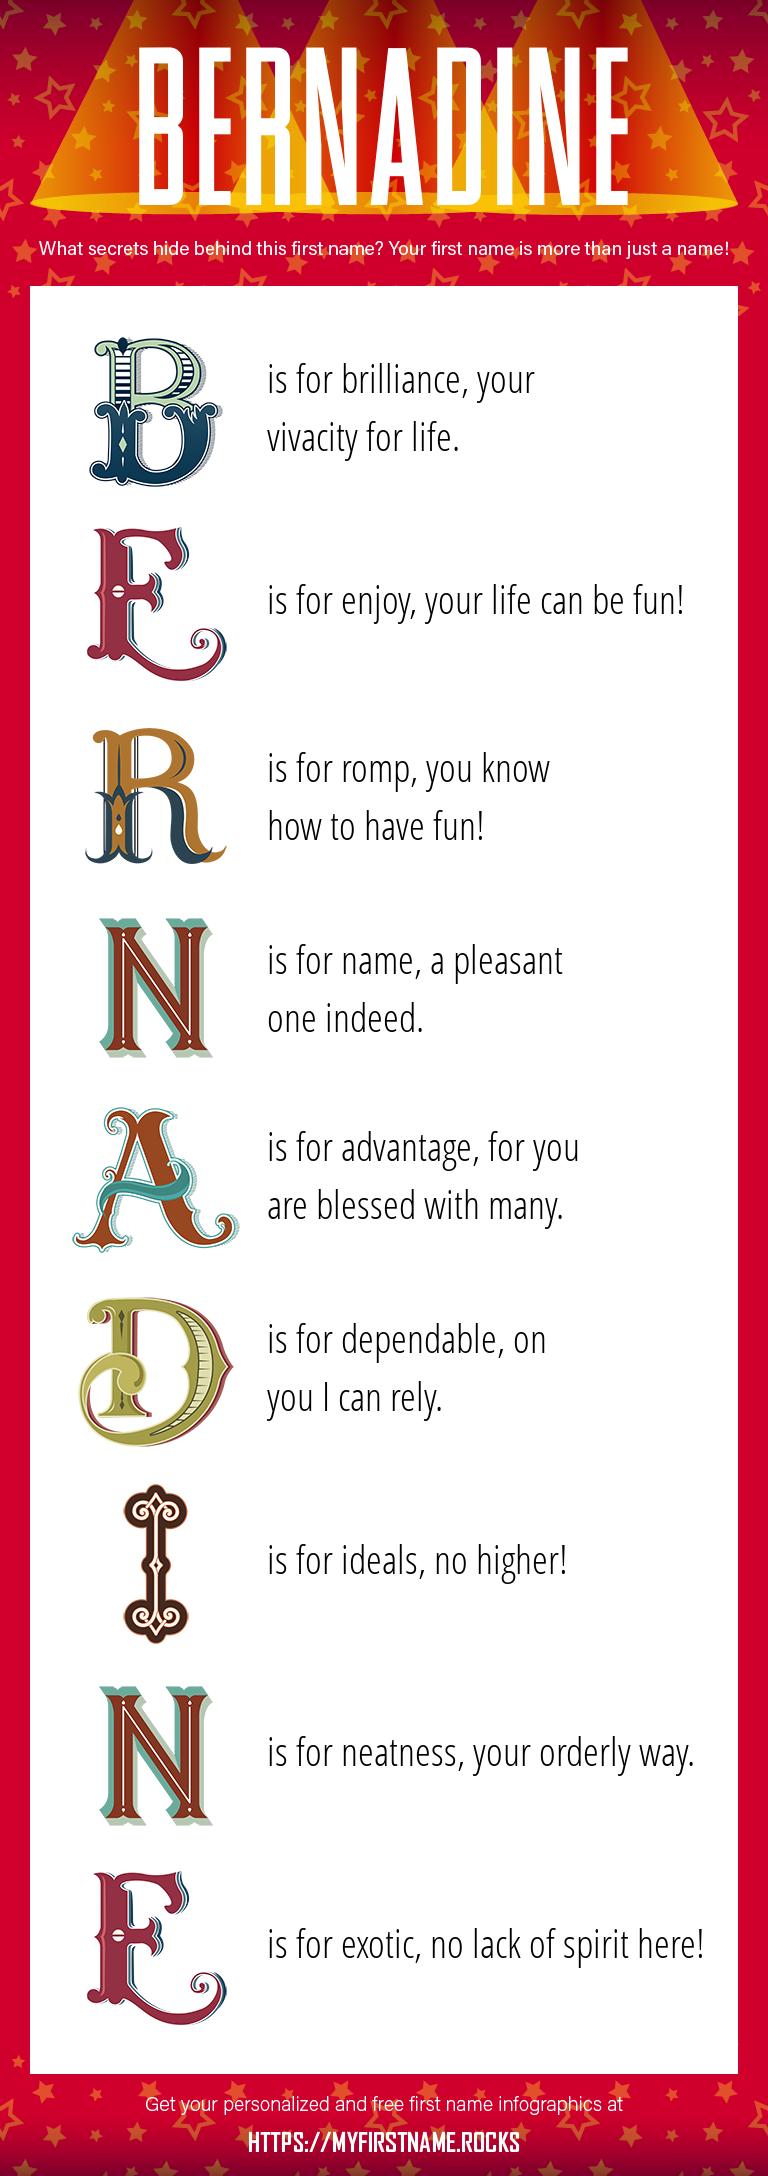 Bernadine Infographics